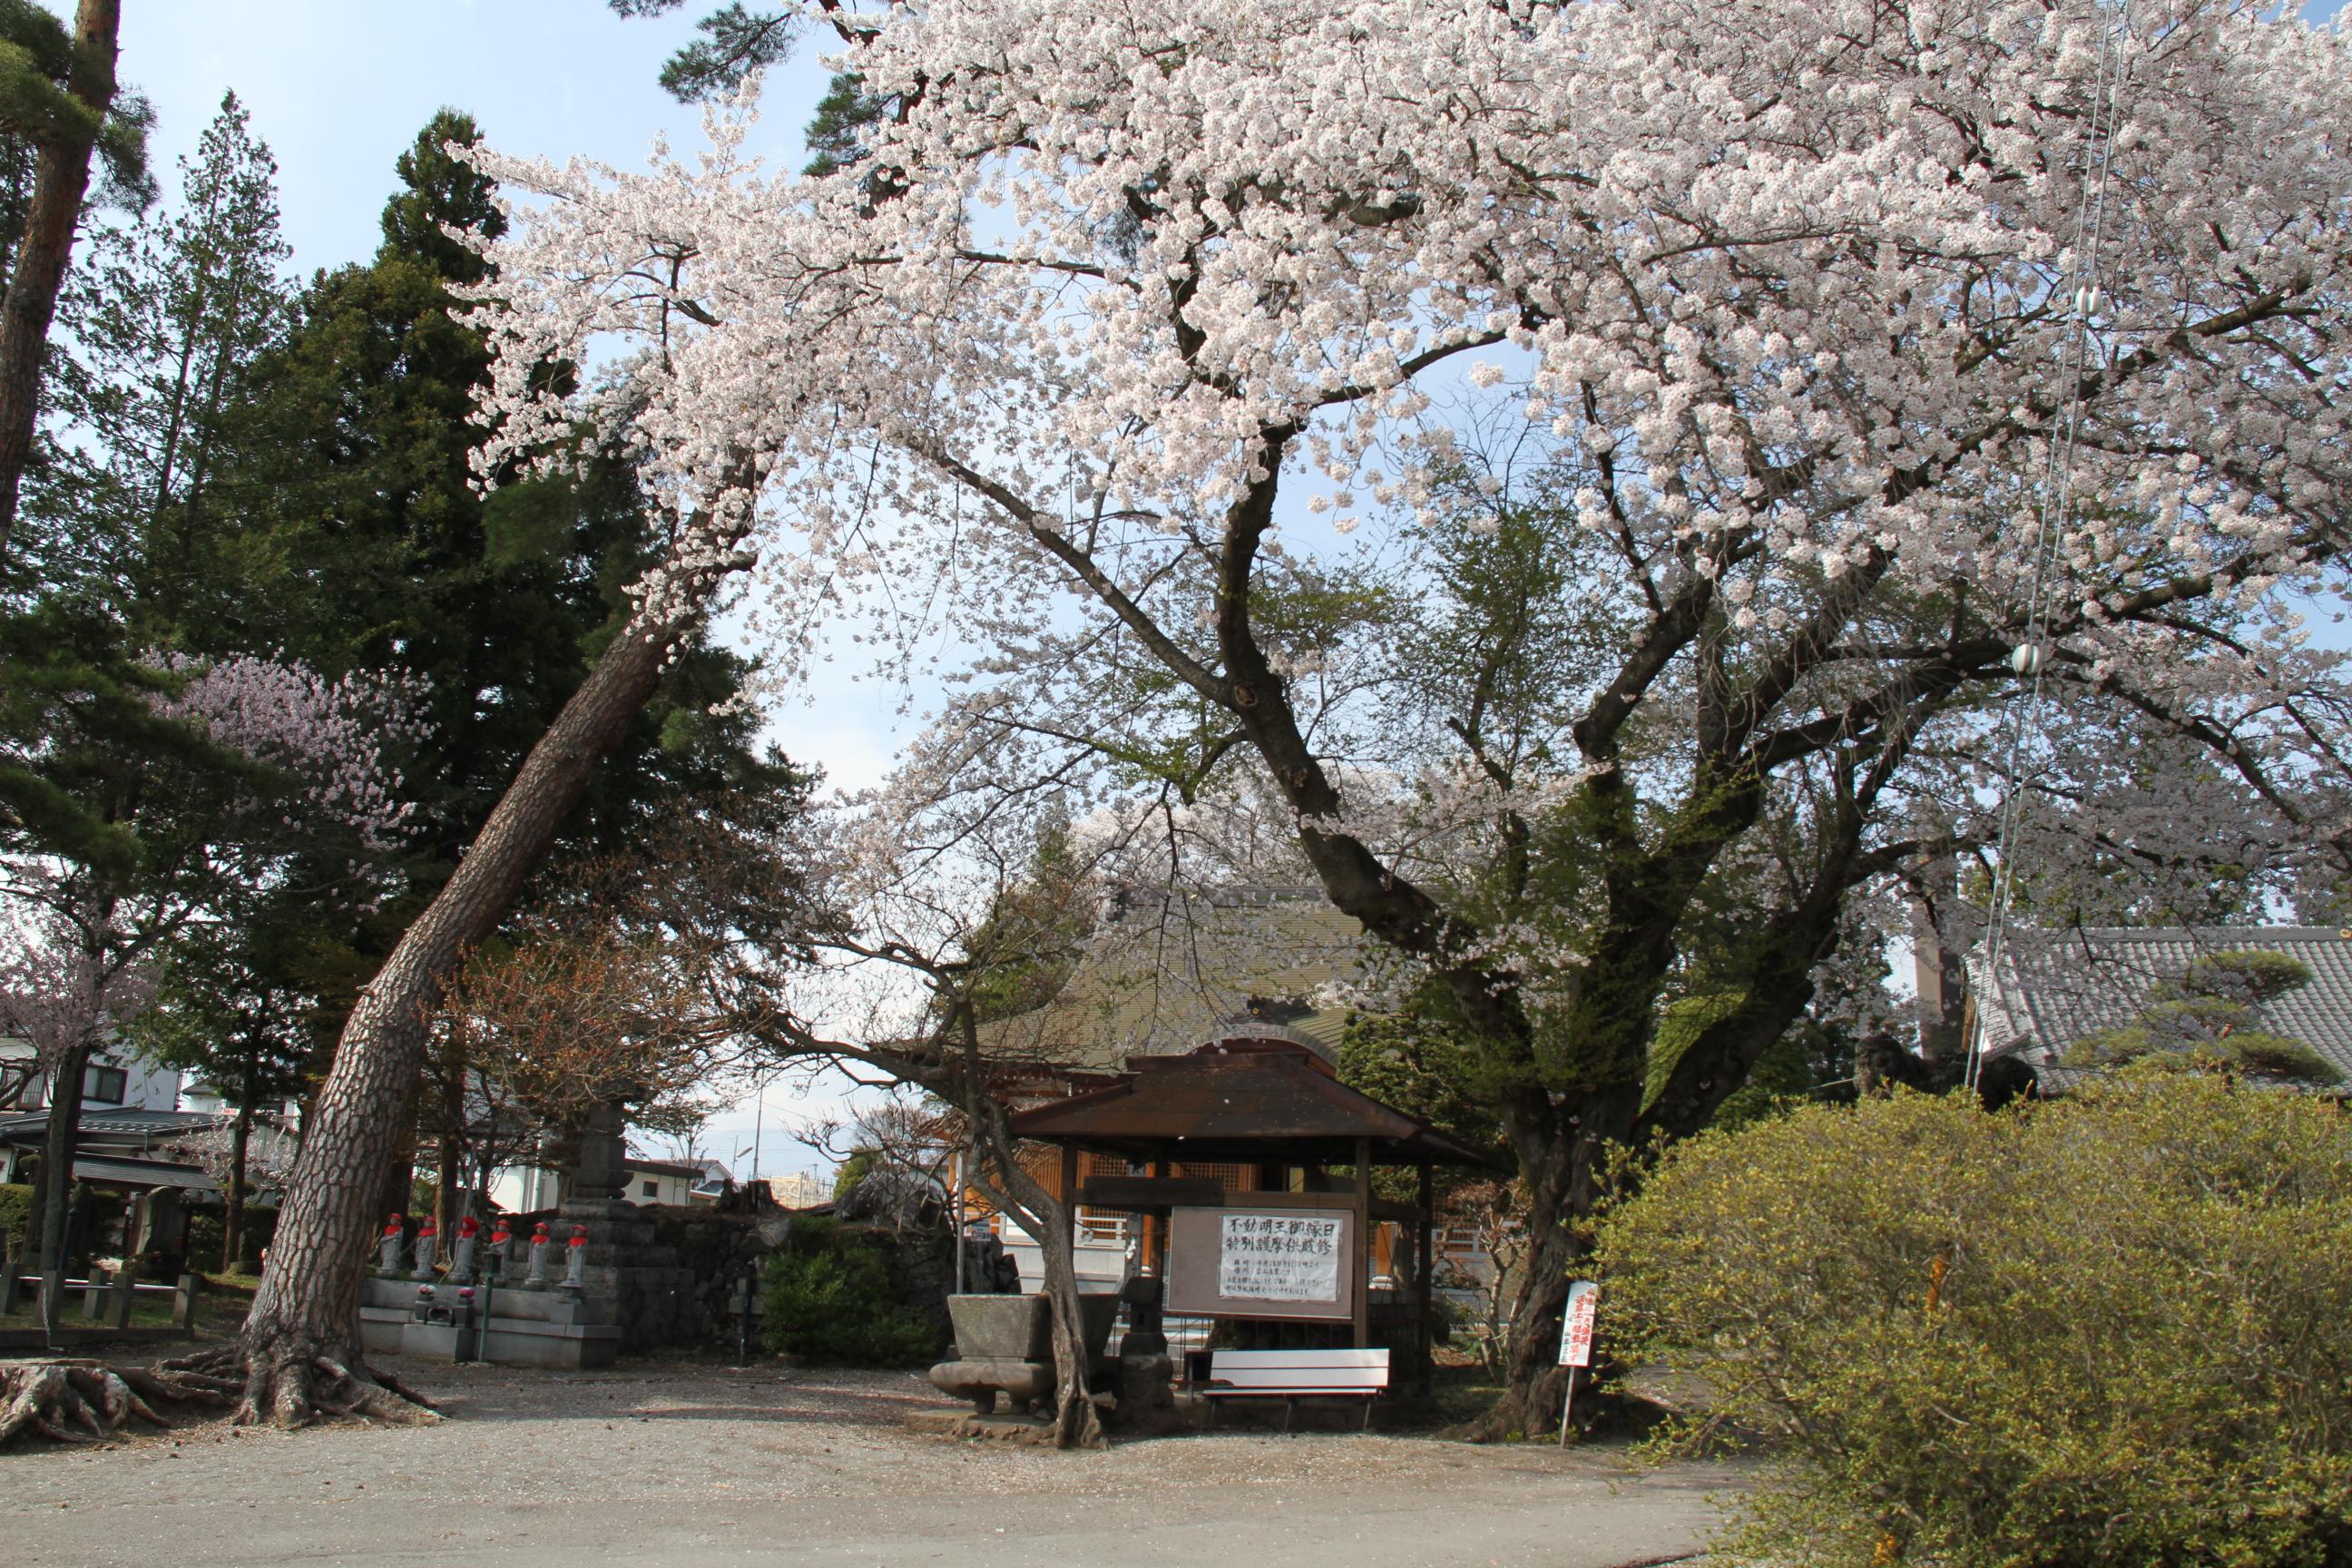 http://www.sakukankou.jp/sightseeing/%E5%86%86%E6%BA%80%E5%AF%BA2.JPG